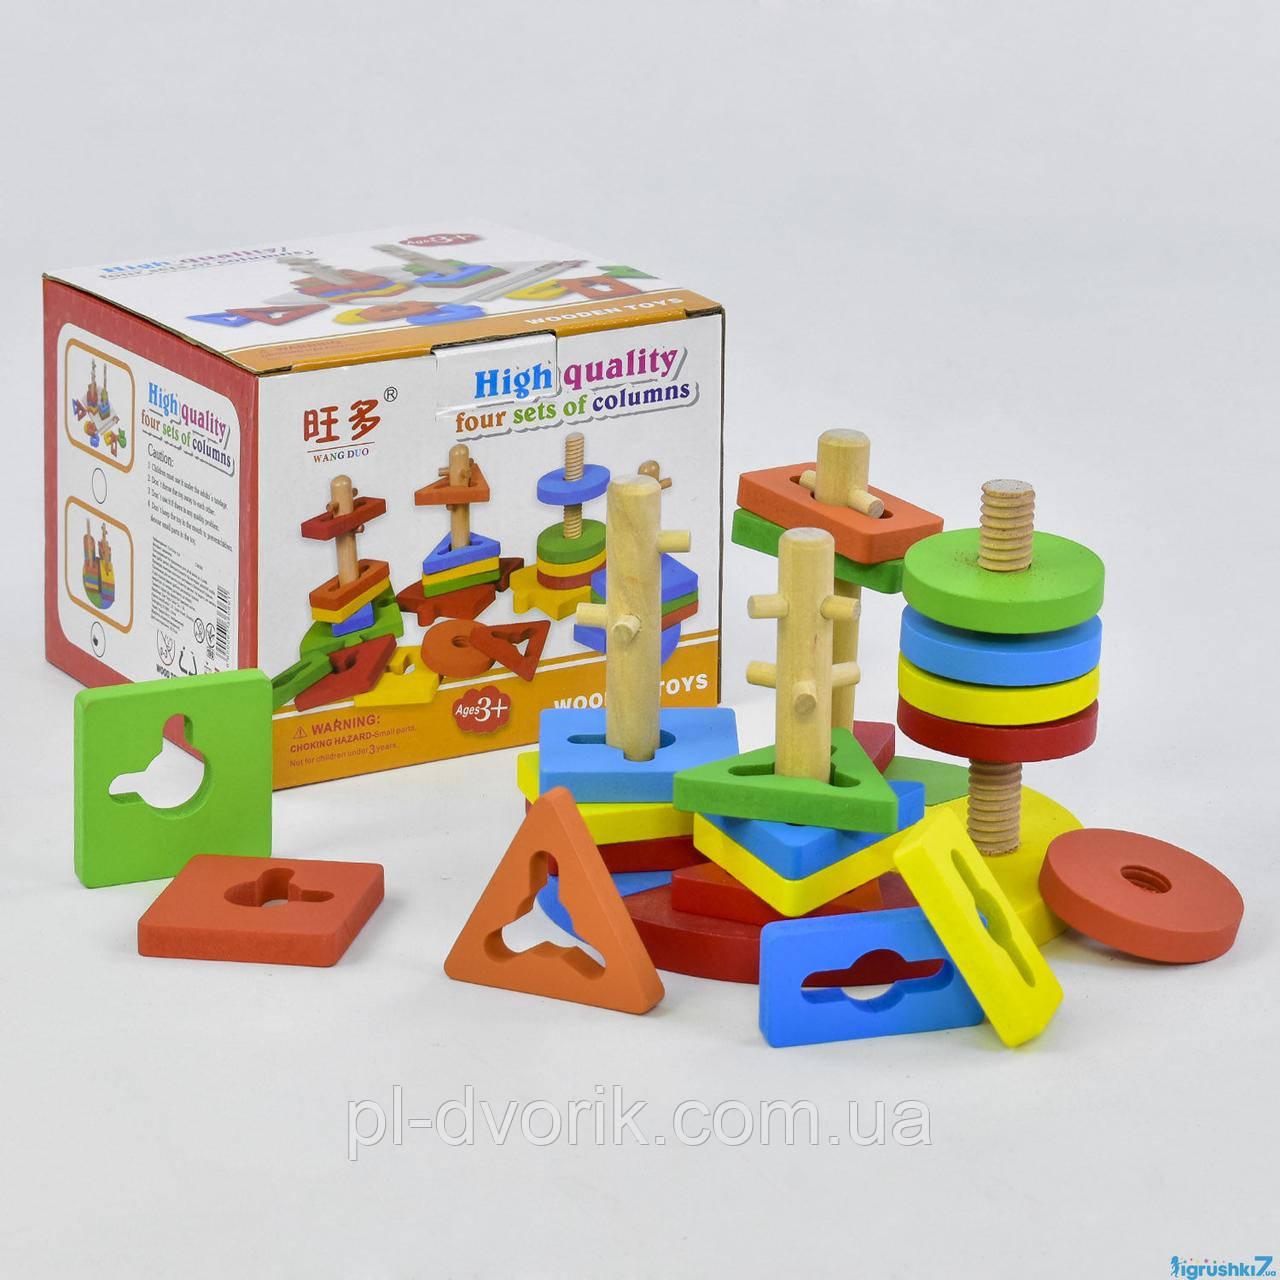 Деревянная логическая пирамидка Сортер С 36060 (54) в коробке  Размер упаковки: 15 х 15 х 12 см Упаковка: Коро